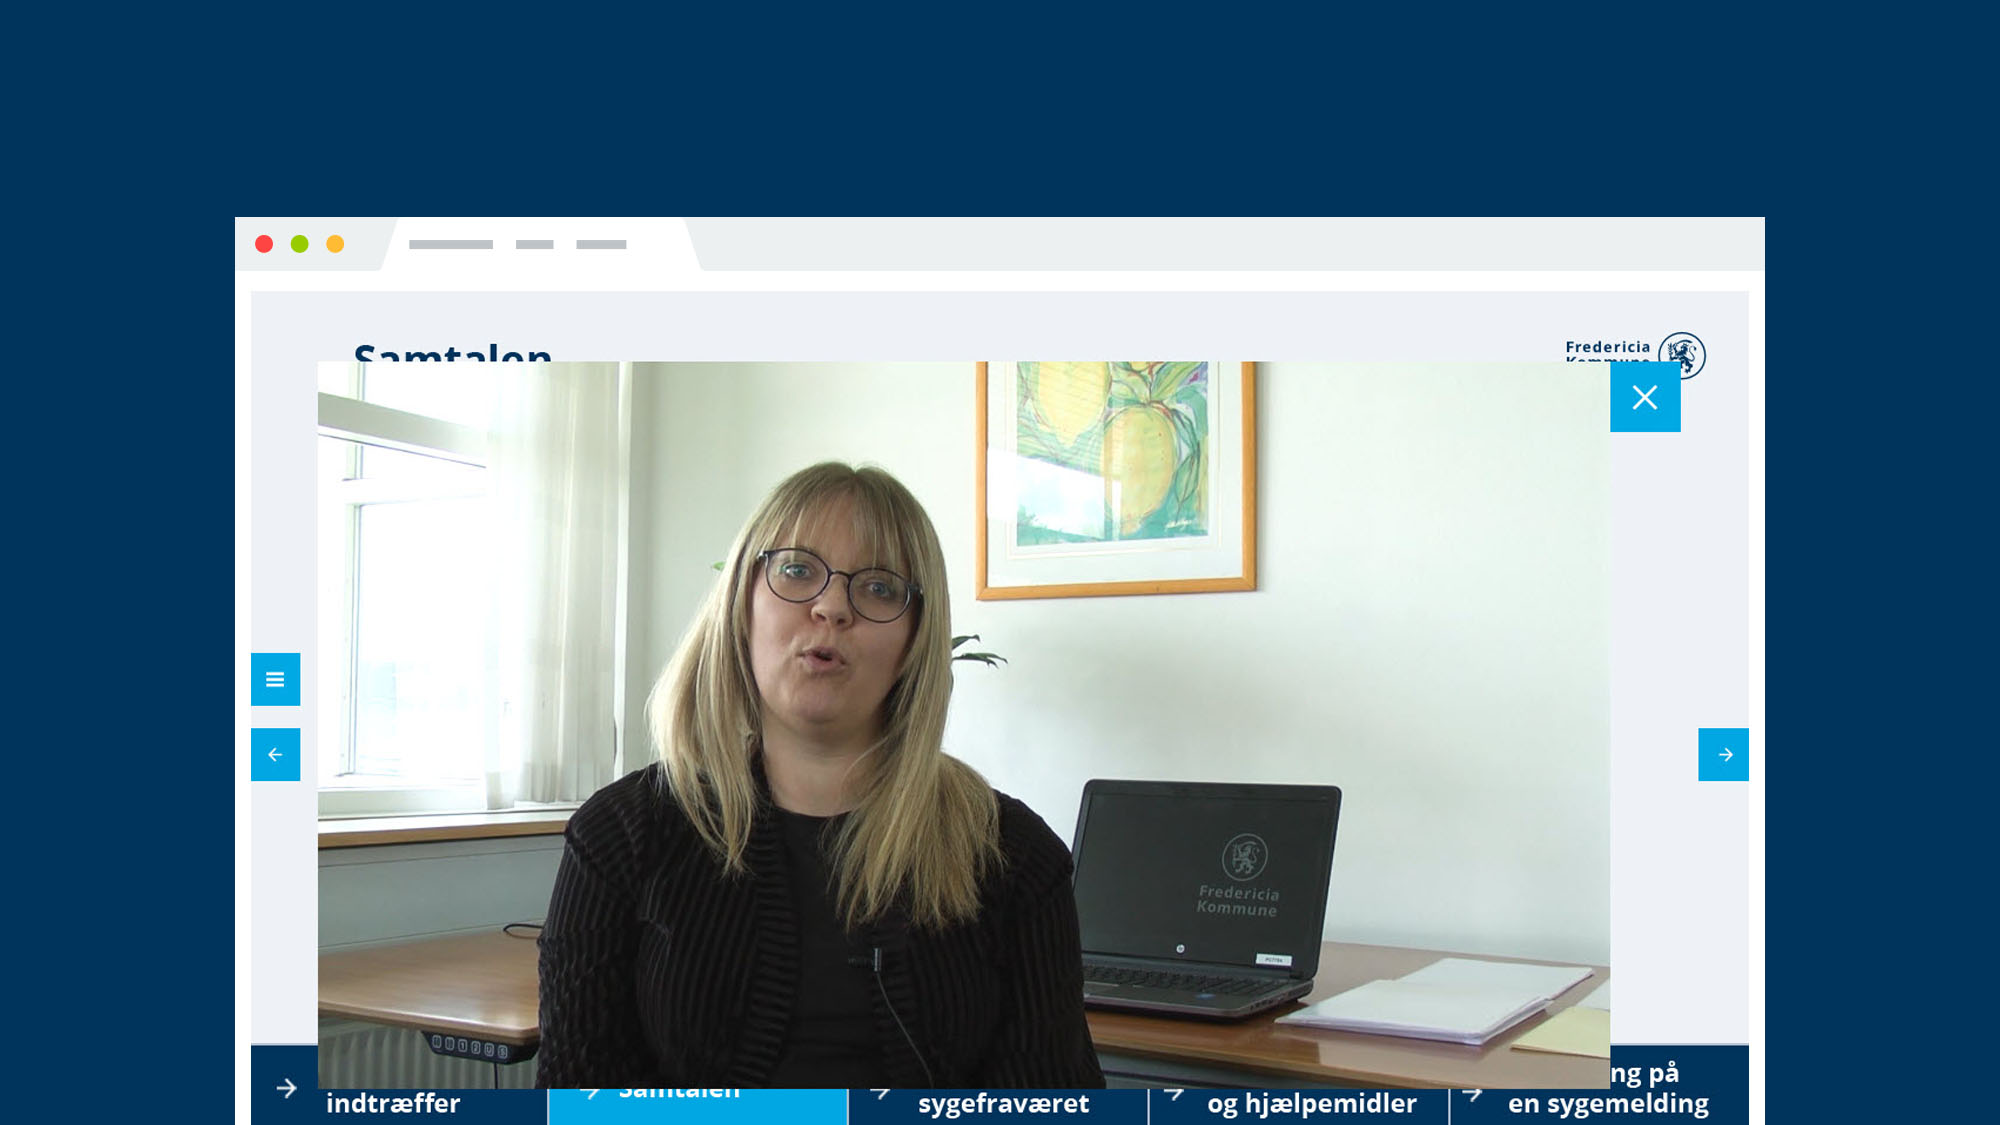 Fredericia Kommune e-læring: Sygefraværssamtalen for ledere